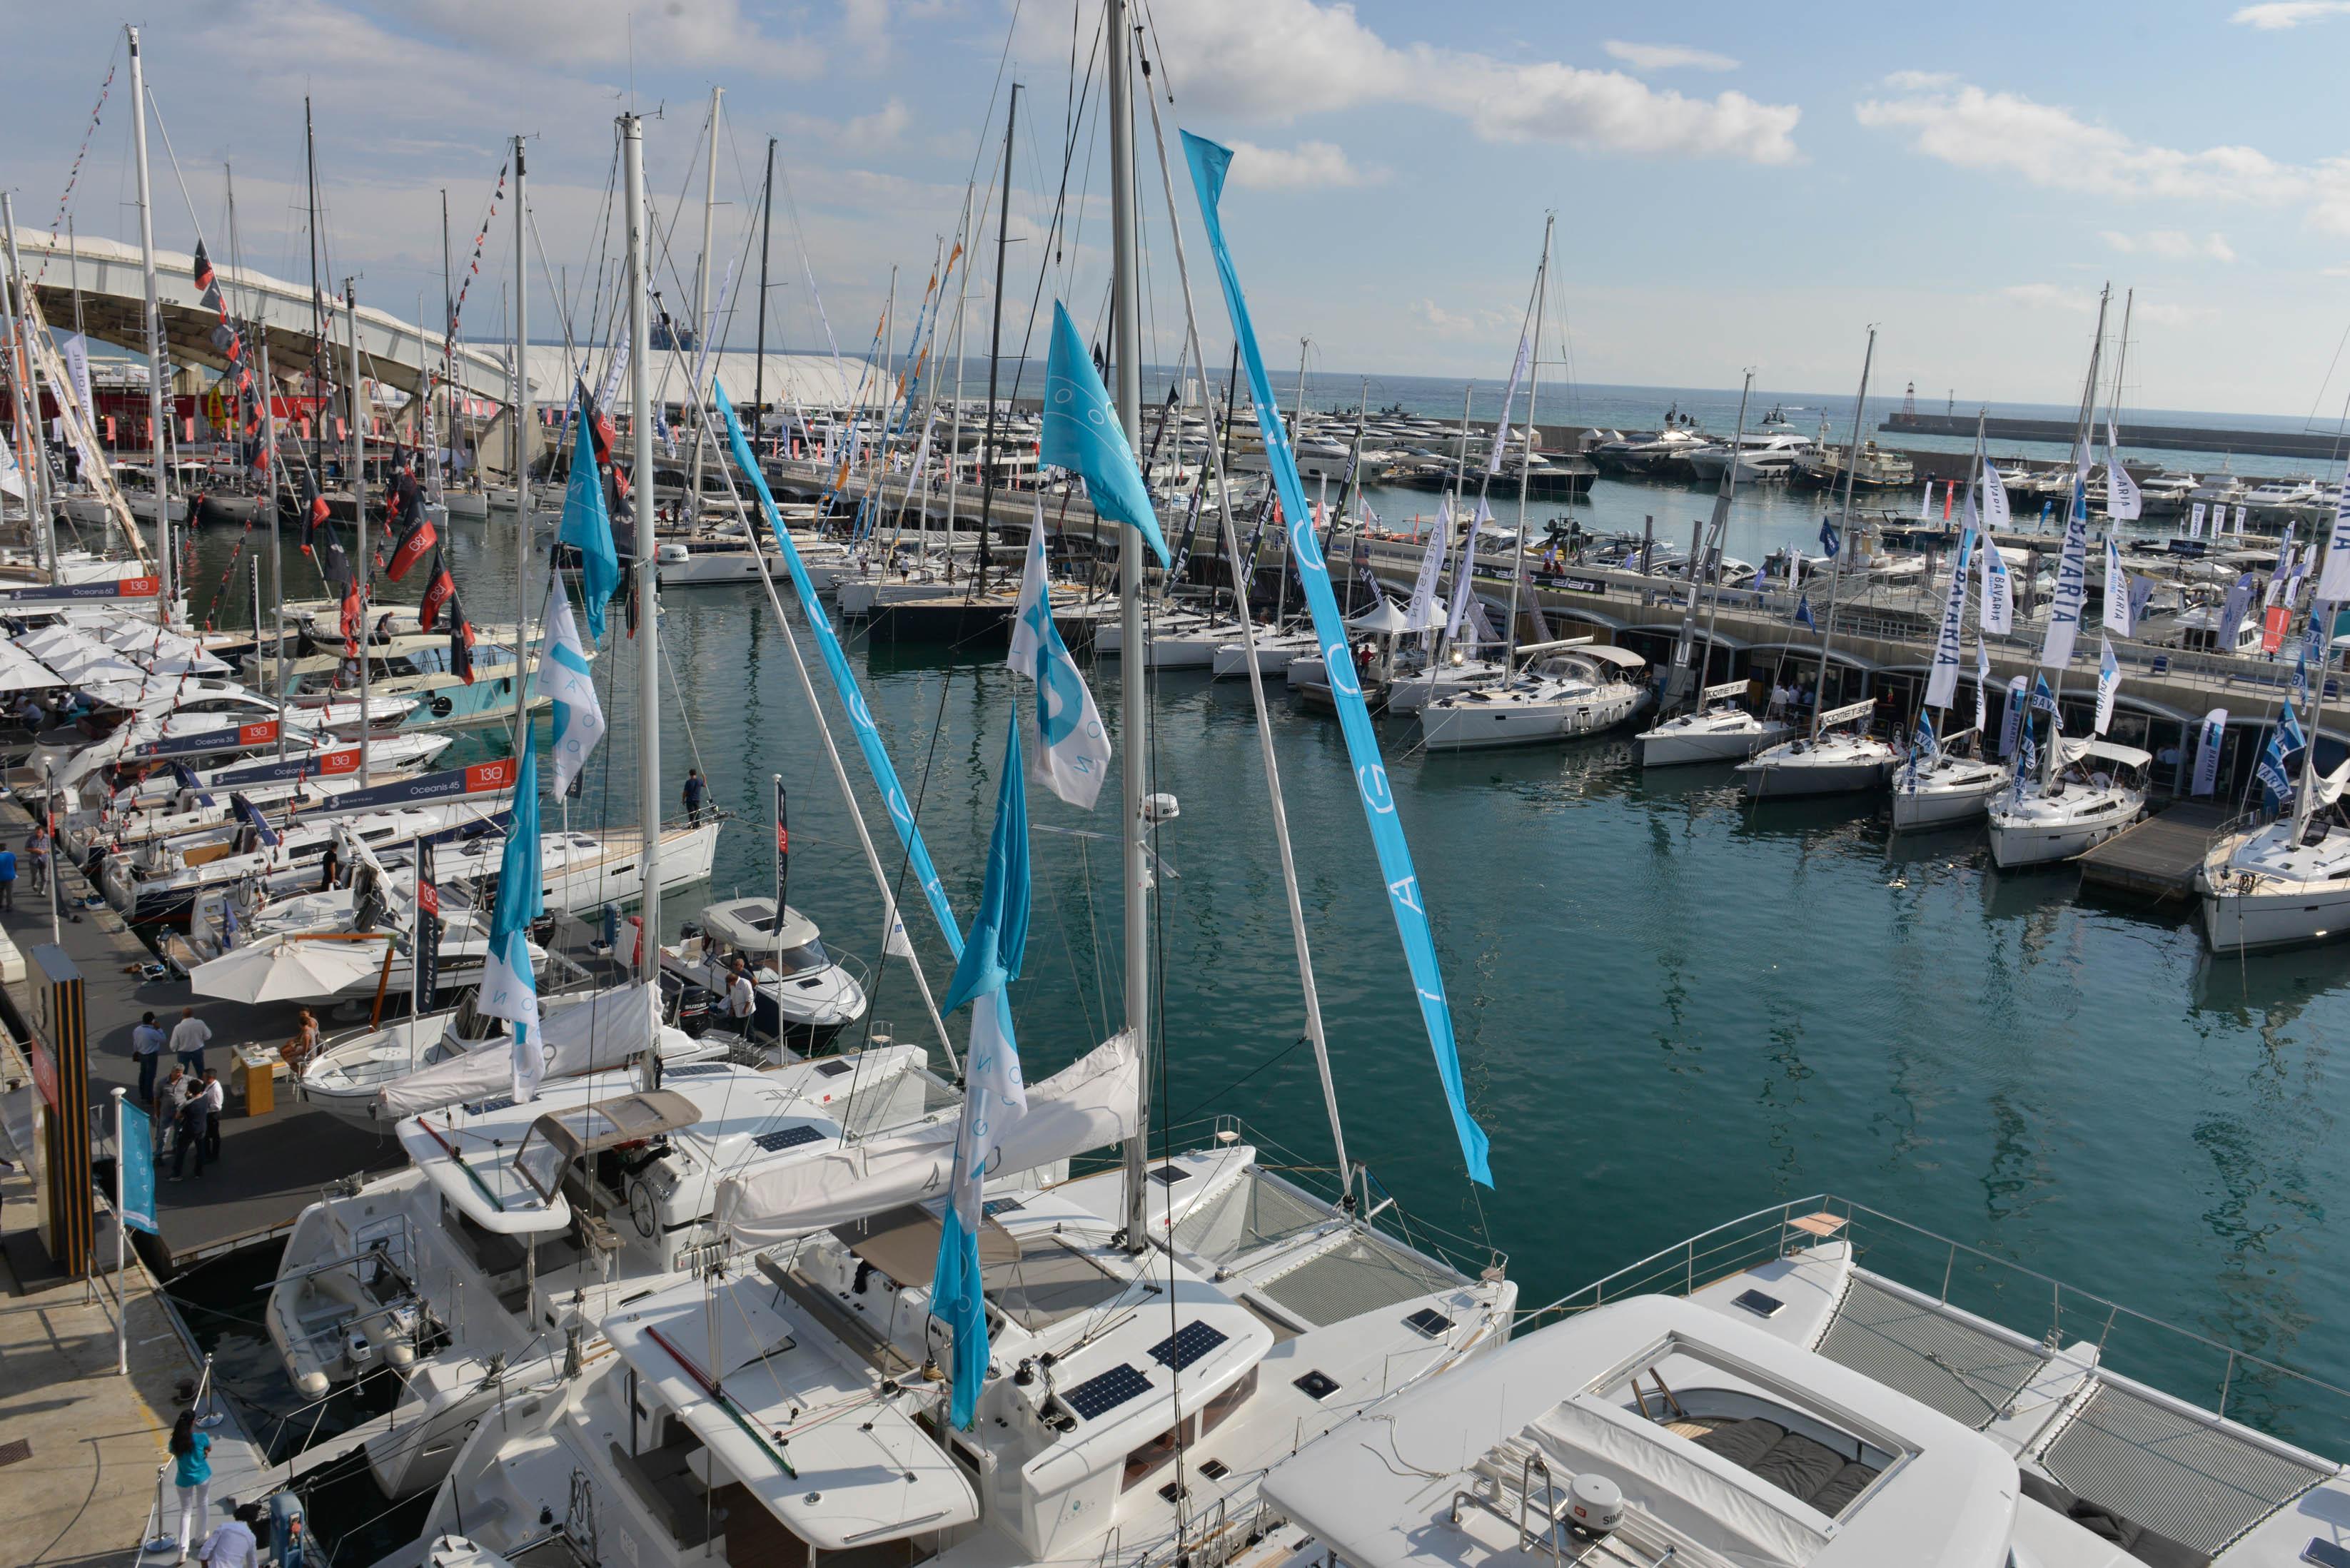 Verso il Salone Nautico di Genova: che edizione sarà?